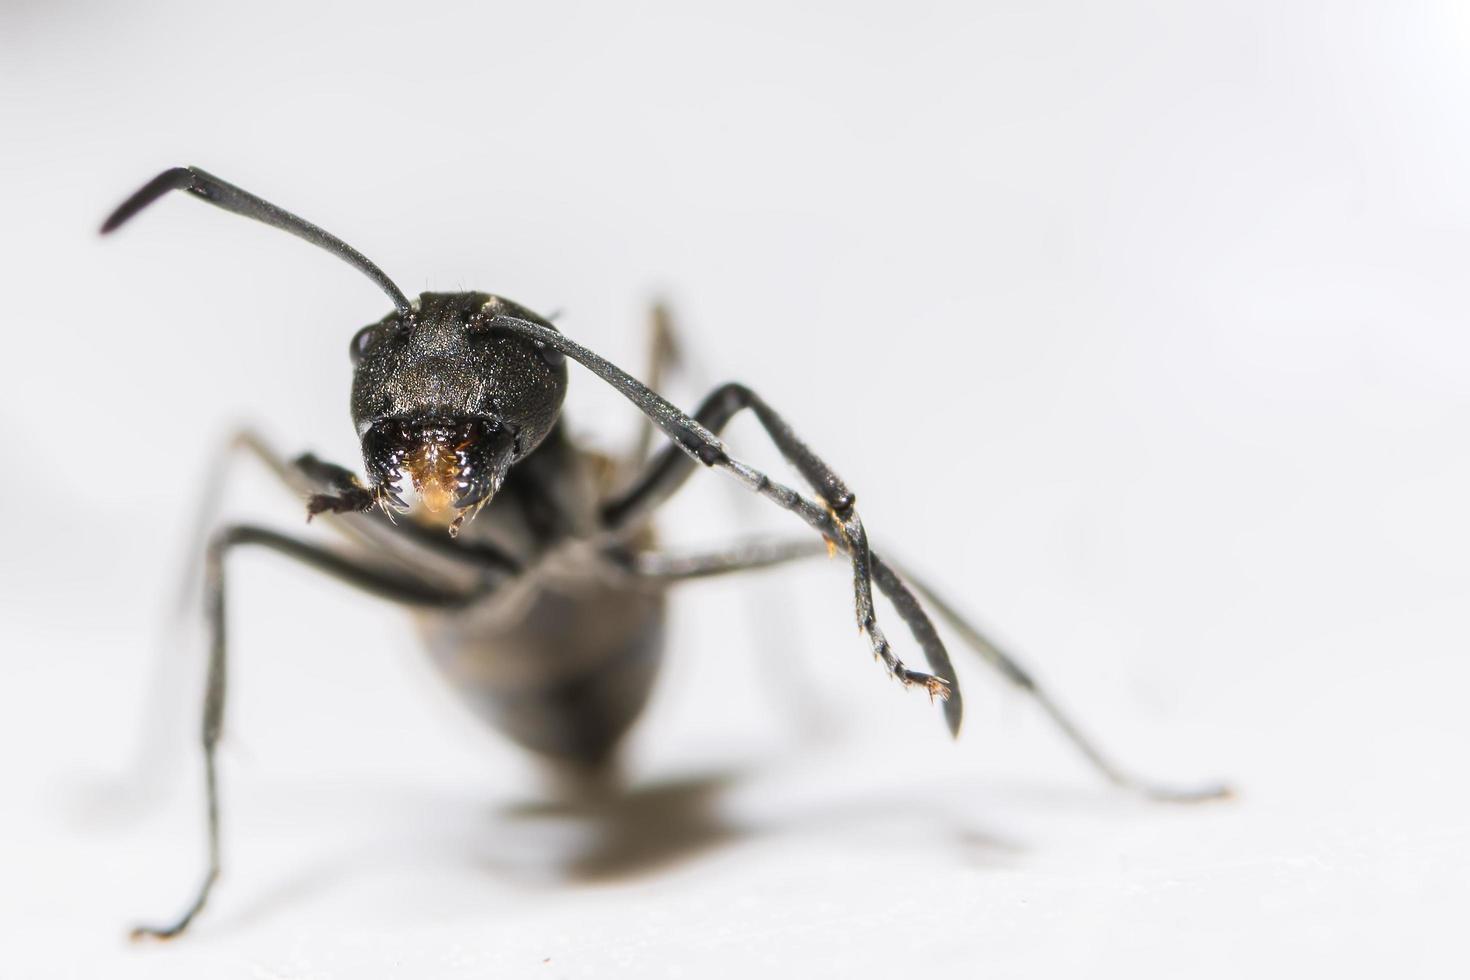 hormiga negra sobre fondo blanco foto